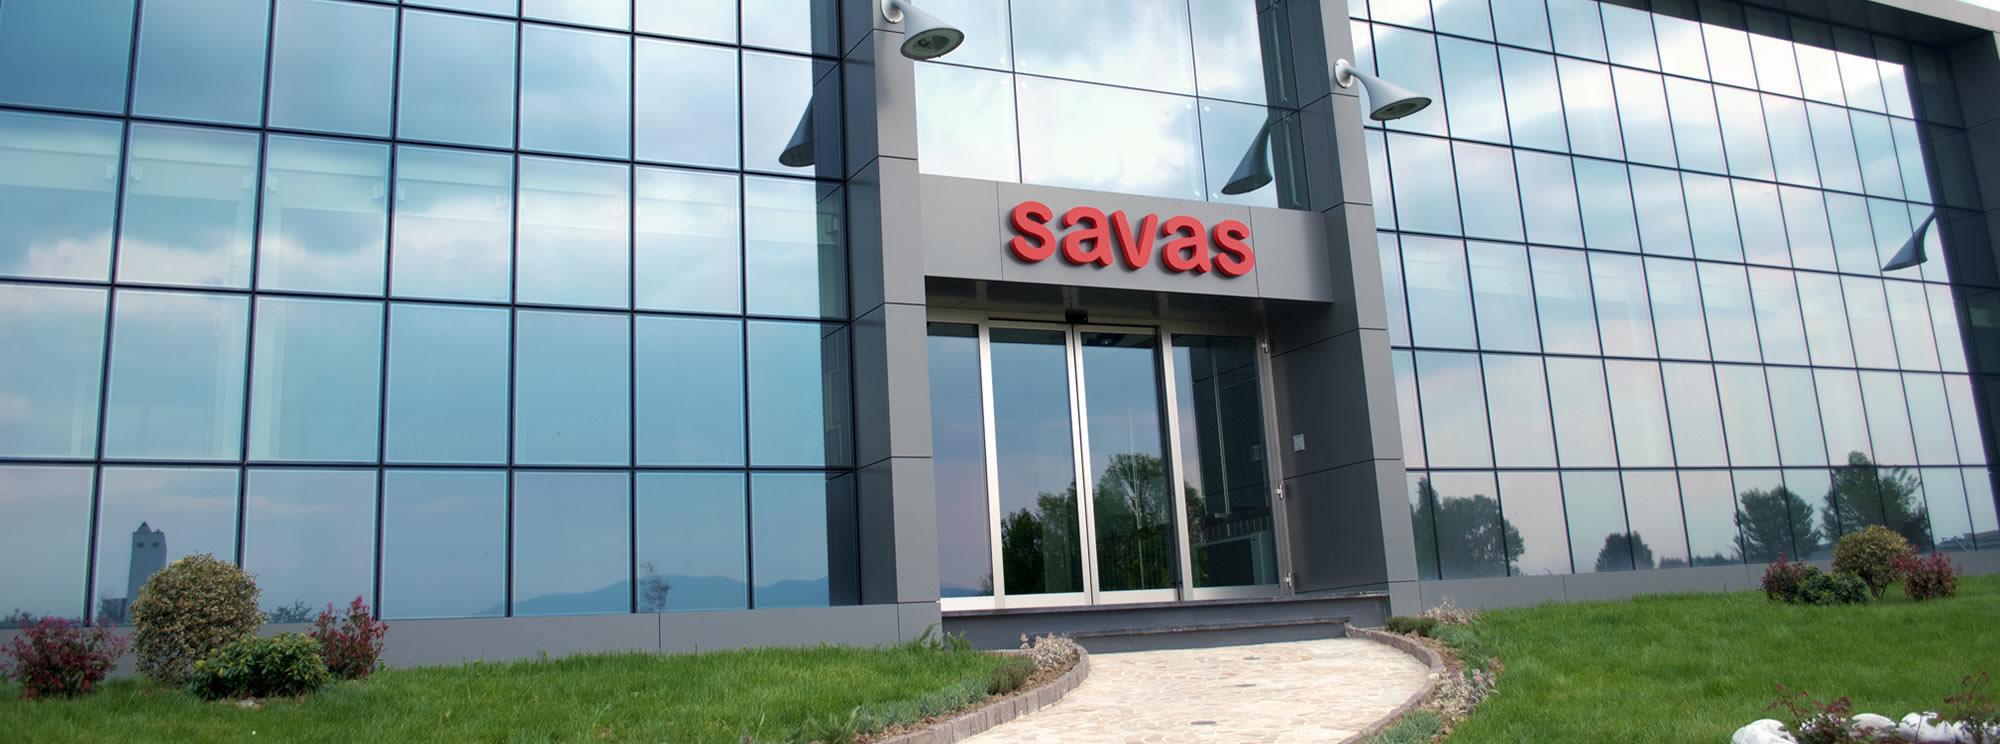 Savas Spa Sansepolcro